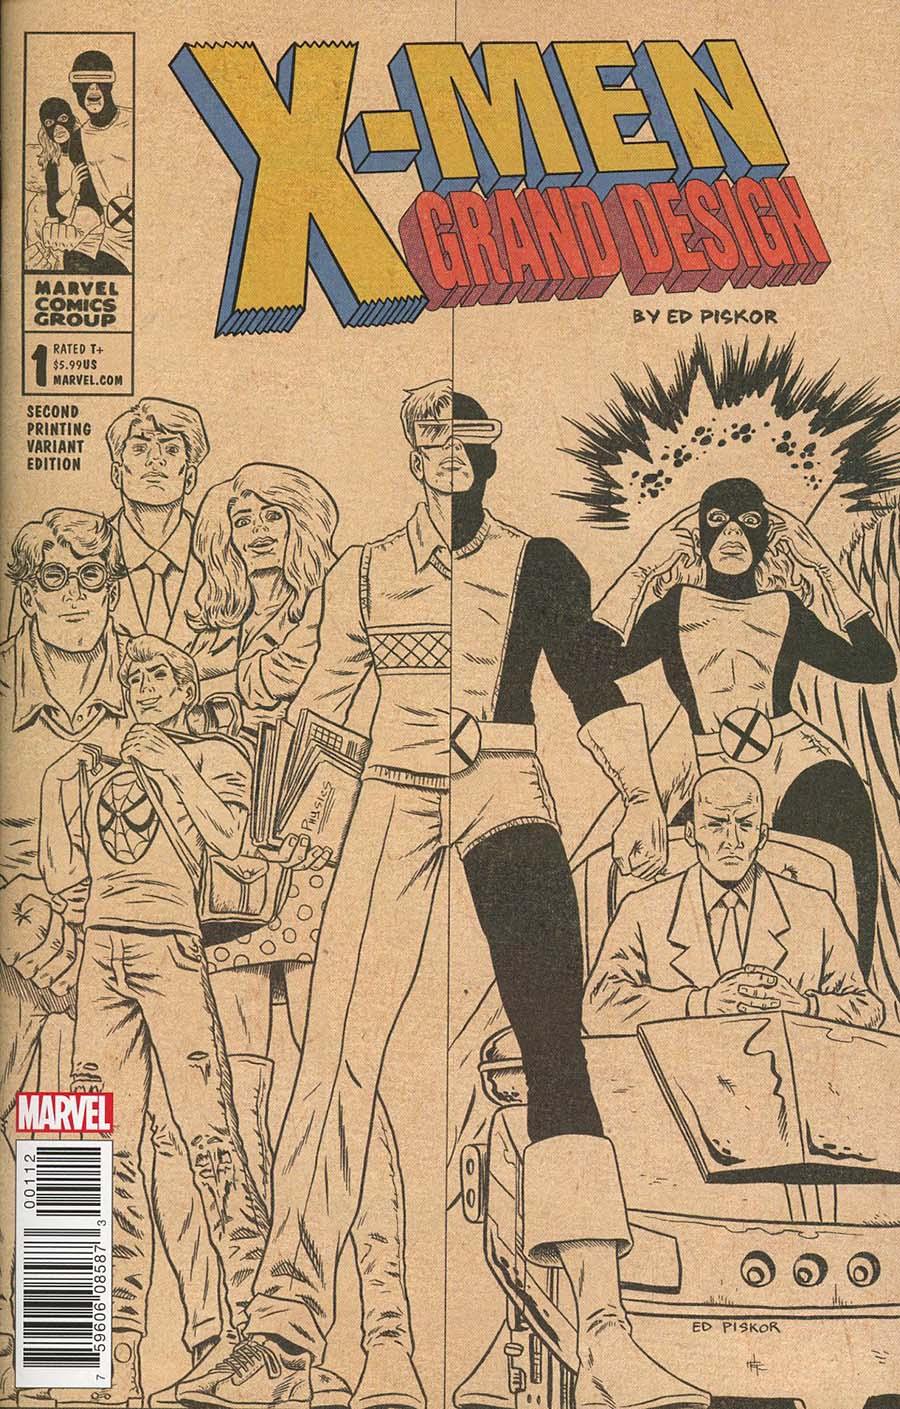 X-Men Grand Design #1 Cover D 2nd Ptg Variant Ed Piskor Cover